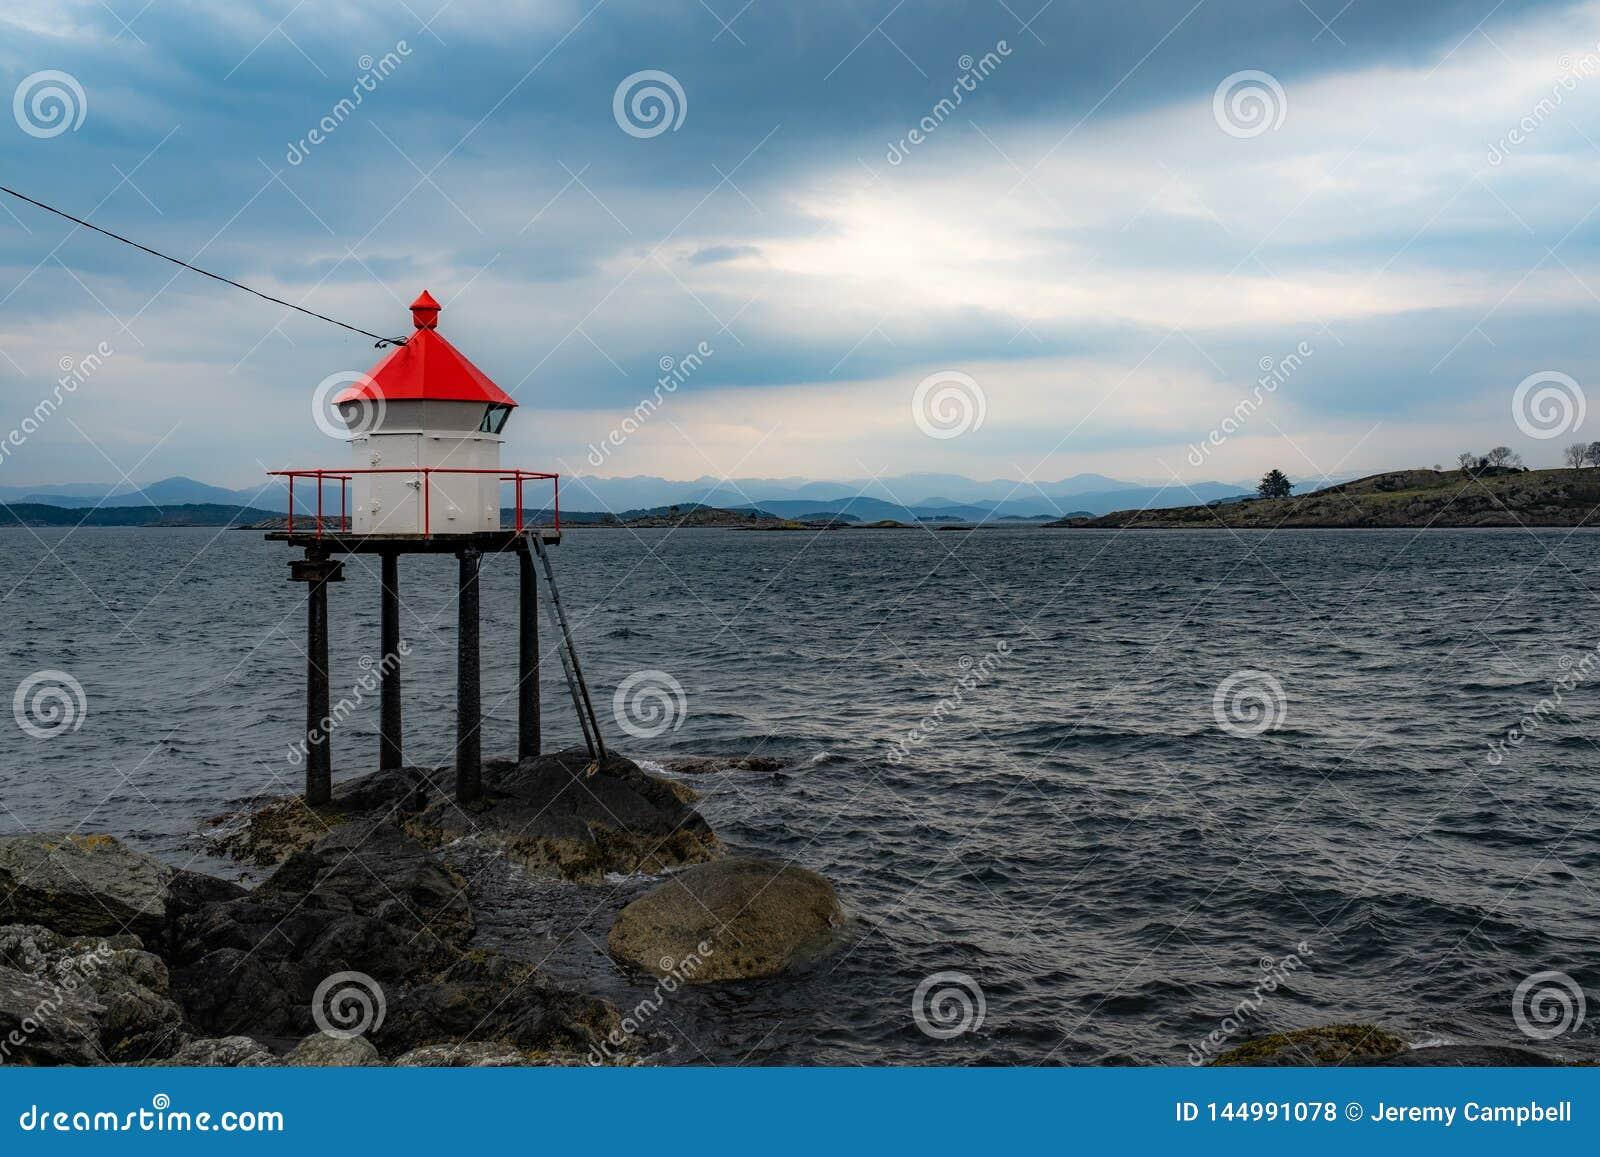 Faro sul fiordo in Norvegia